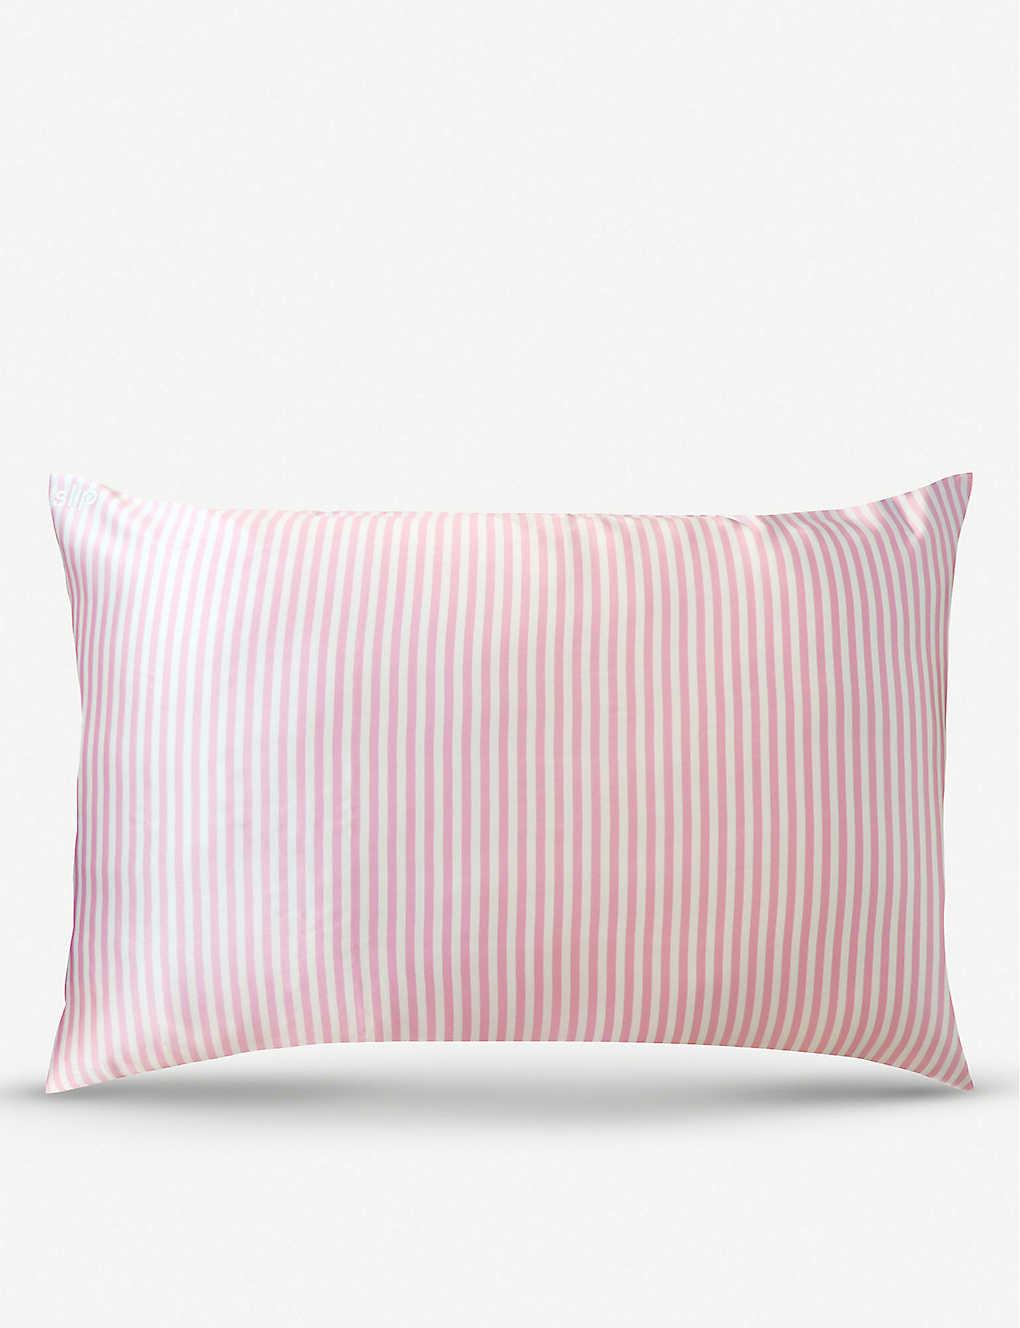 Queen silk pillowcase 51cm x 76cm